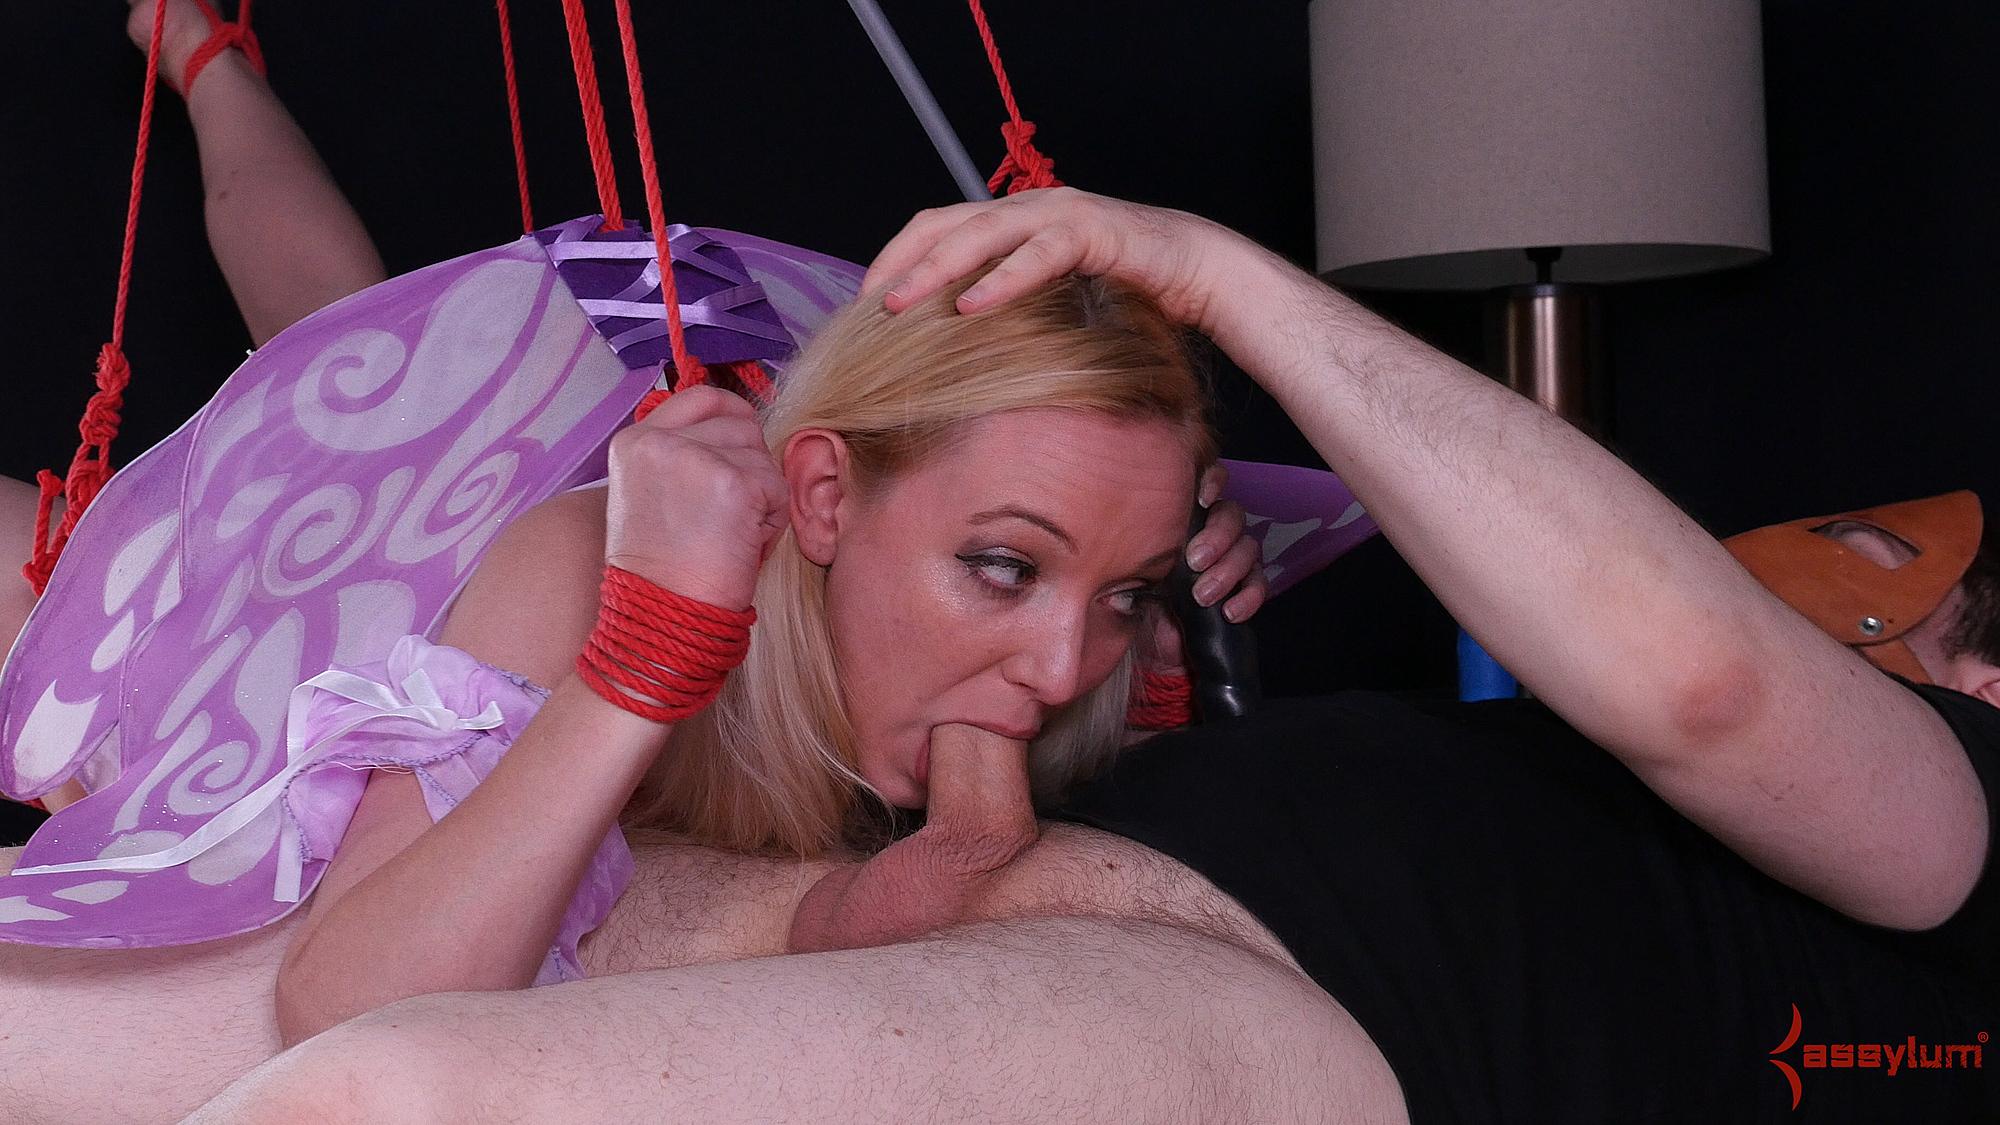 Anneliese snow submissive anal bondage part 1 - 2 part 3